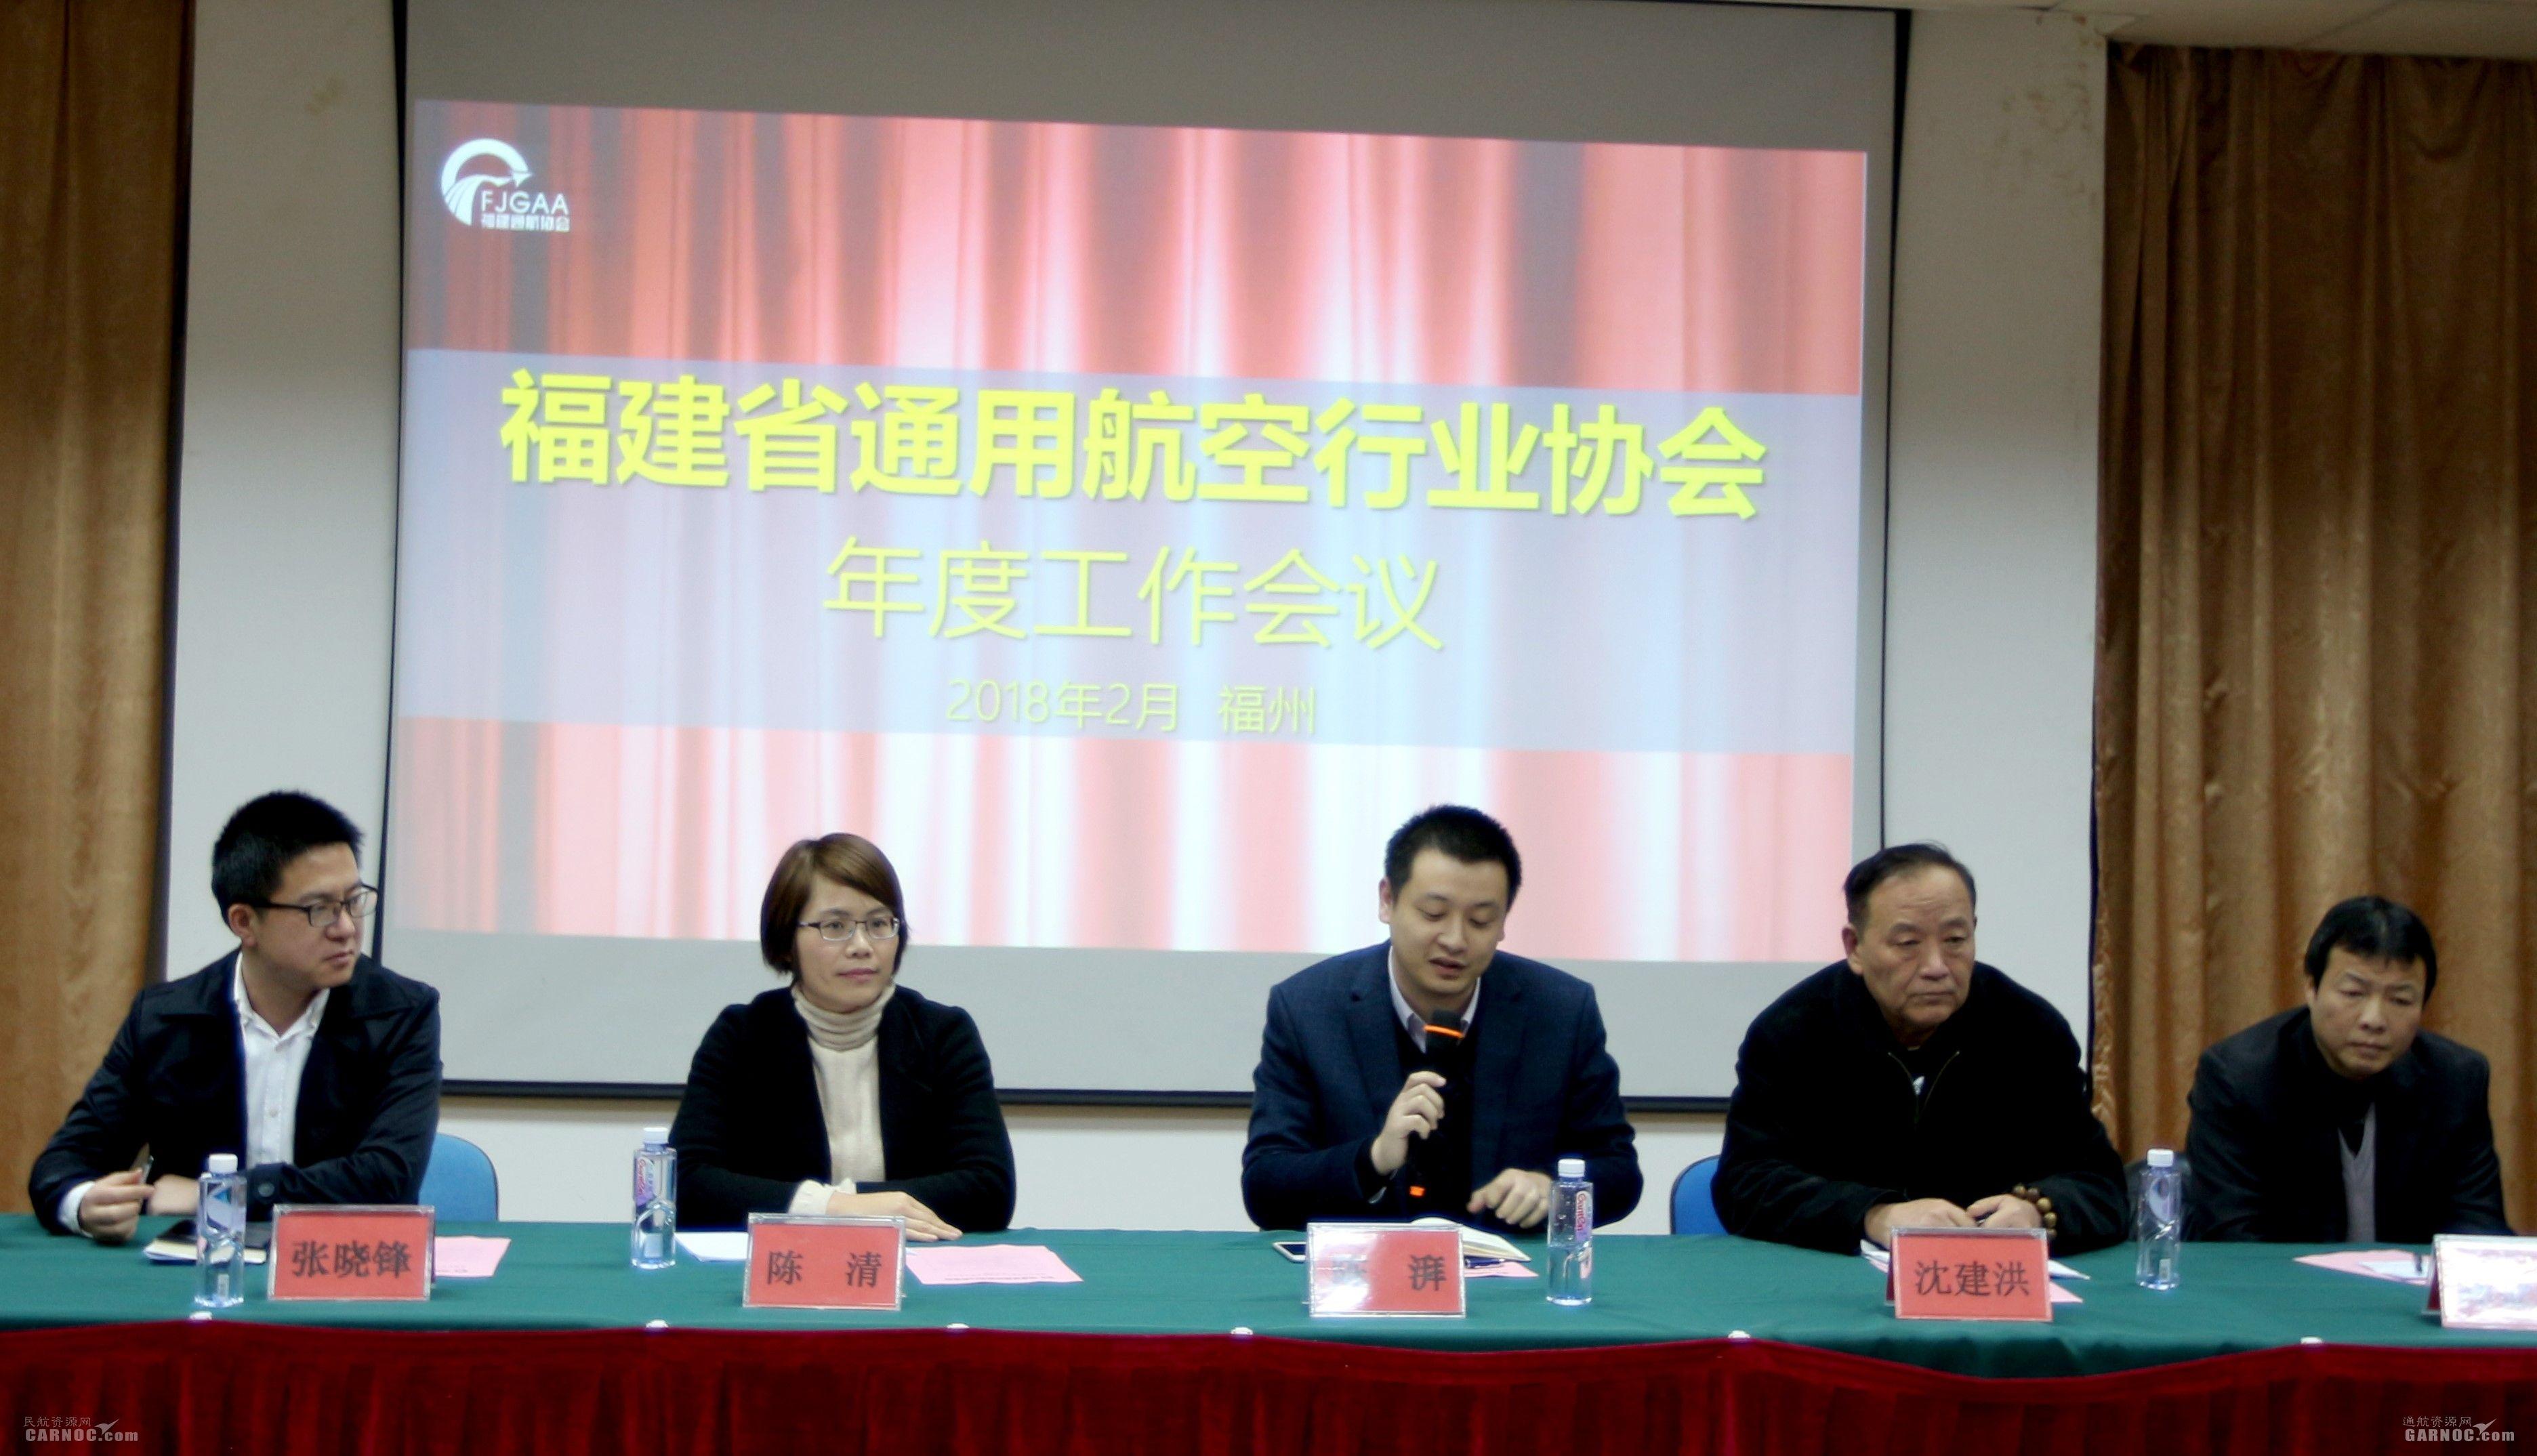 福建省通用航空行业协会年度工作会顺利召开